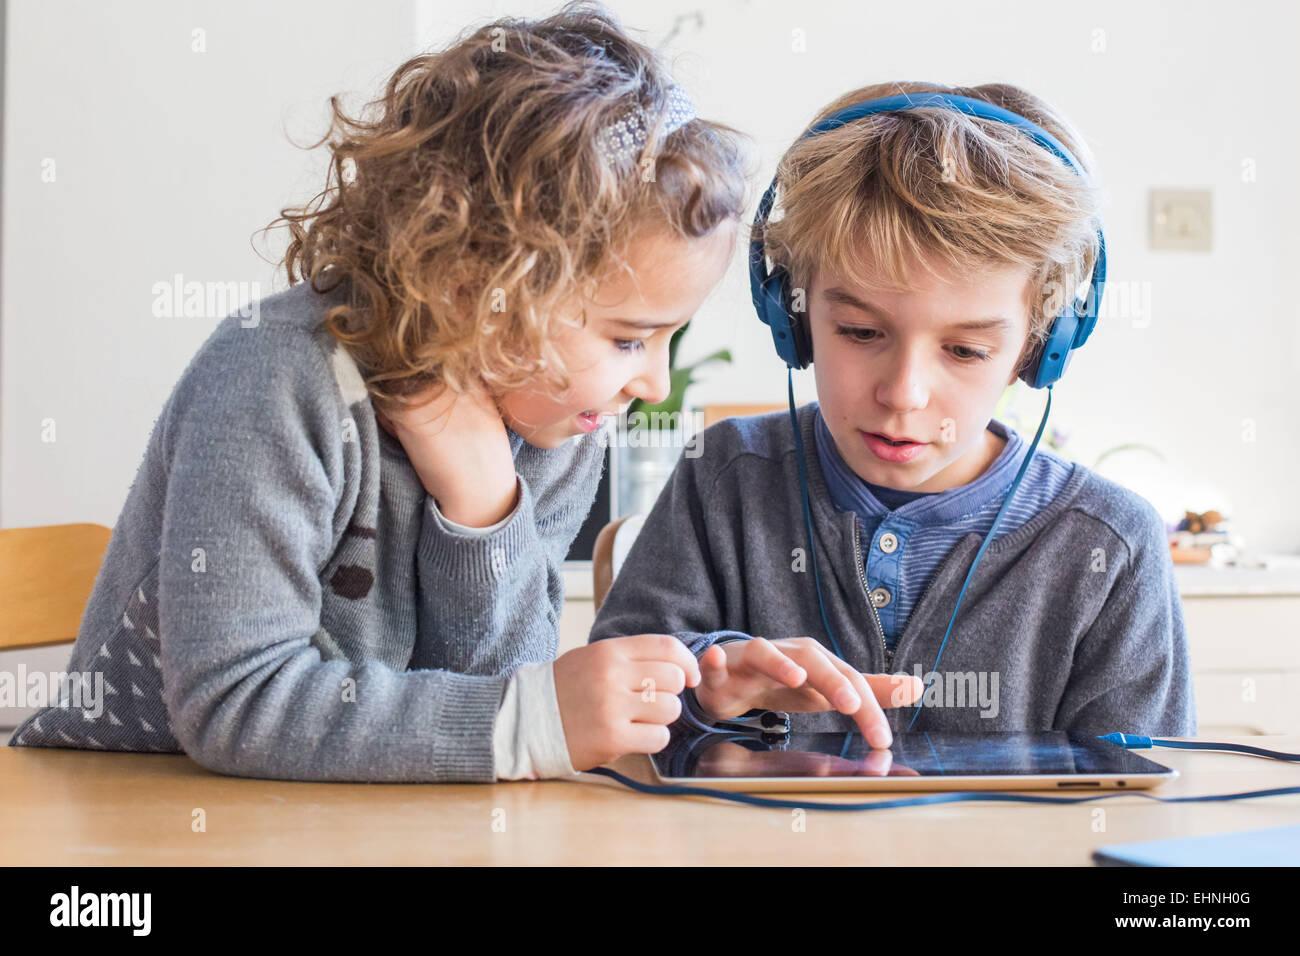 5 ans, fille et garçon de 8 ans, à l'aide de l'ordinateur tablette. Photo Stock